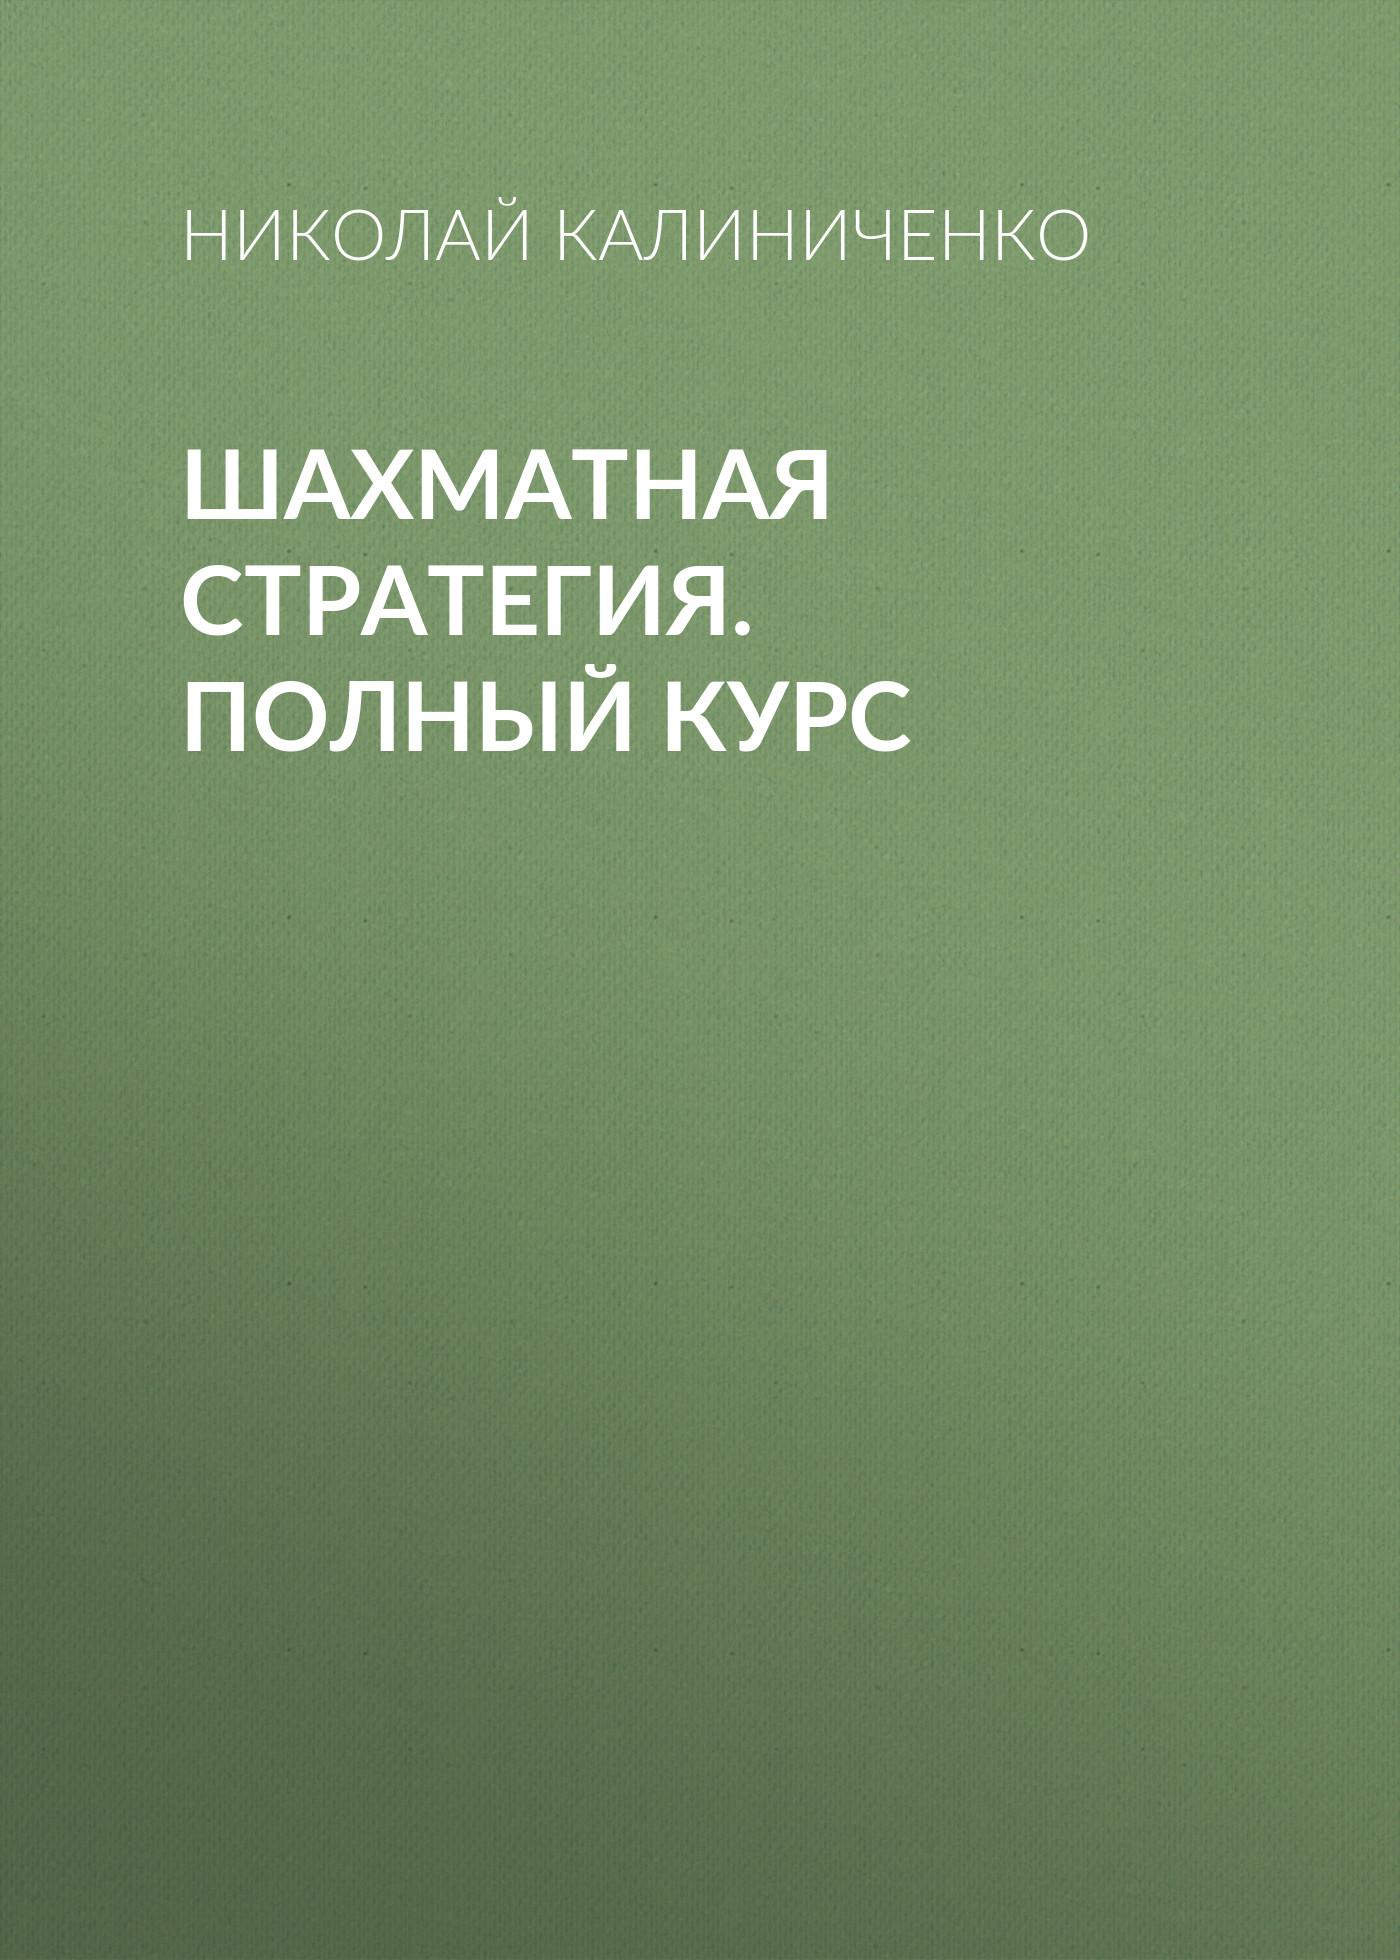 Николай Калиниченко Шахматная стратегия. Полный курс эстрин я калиниченко н шахматные дебюты полный курс